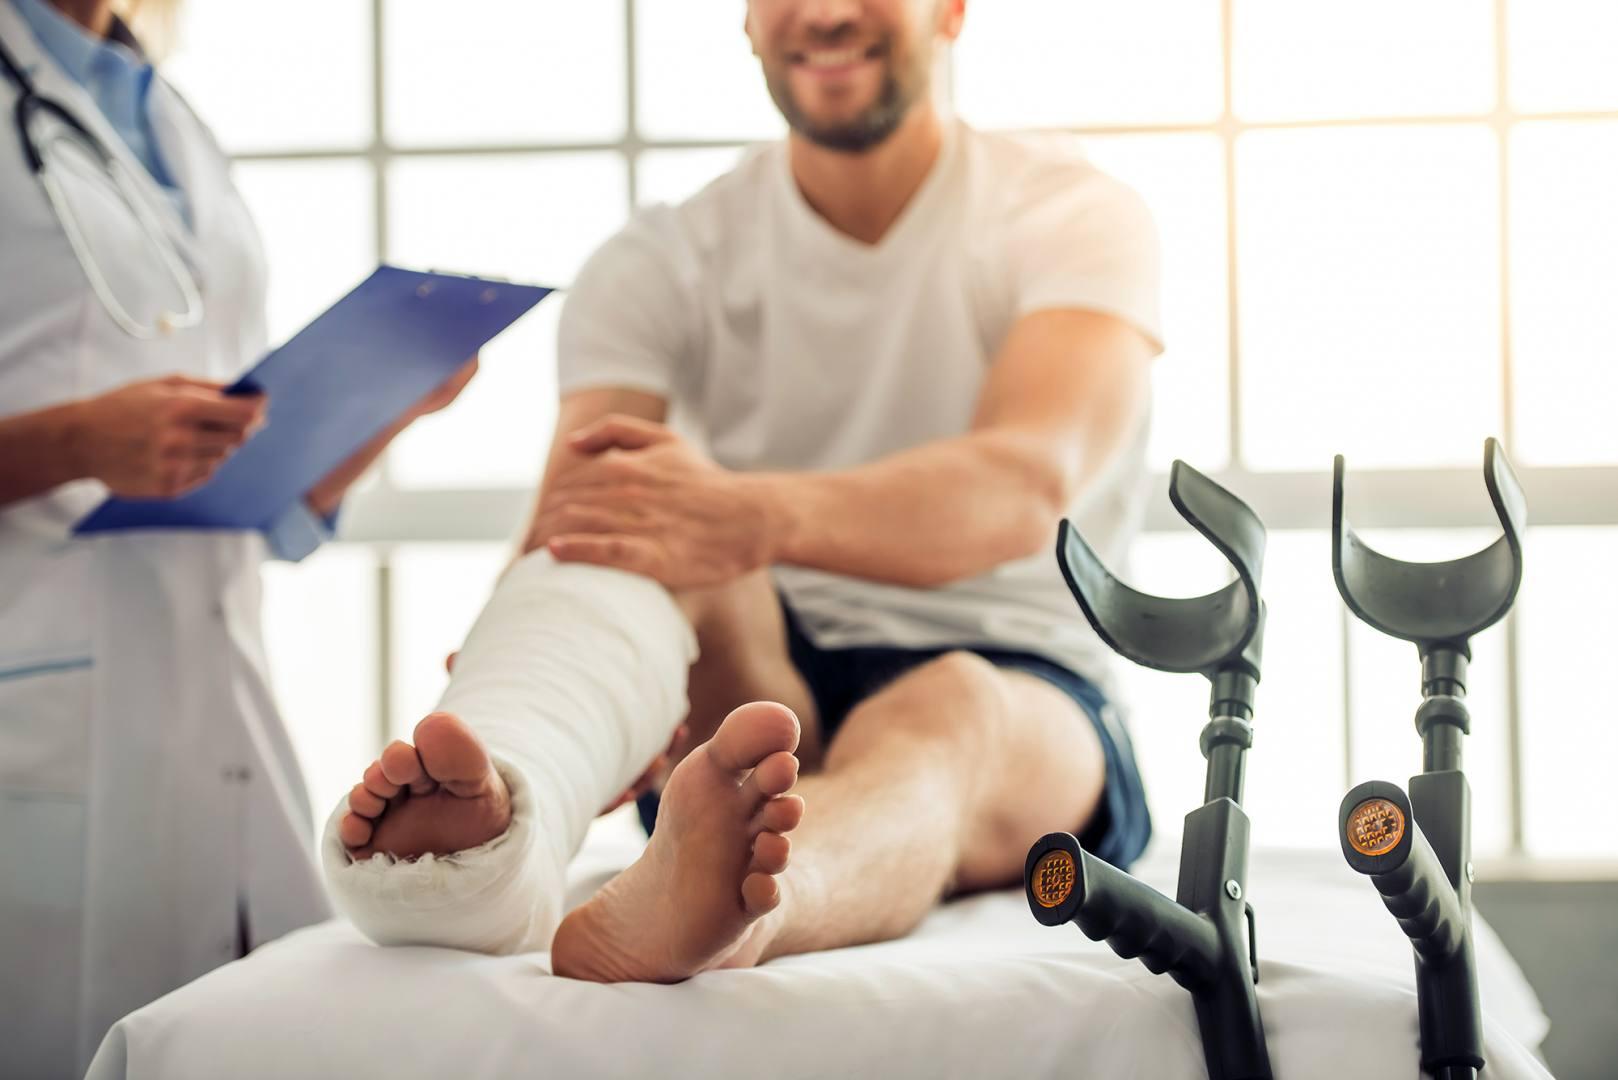 Ubezpieczony mężczyzna z nogą w gipsie siedzi na łóżku i słucha opinii lekarza